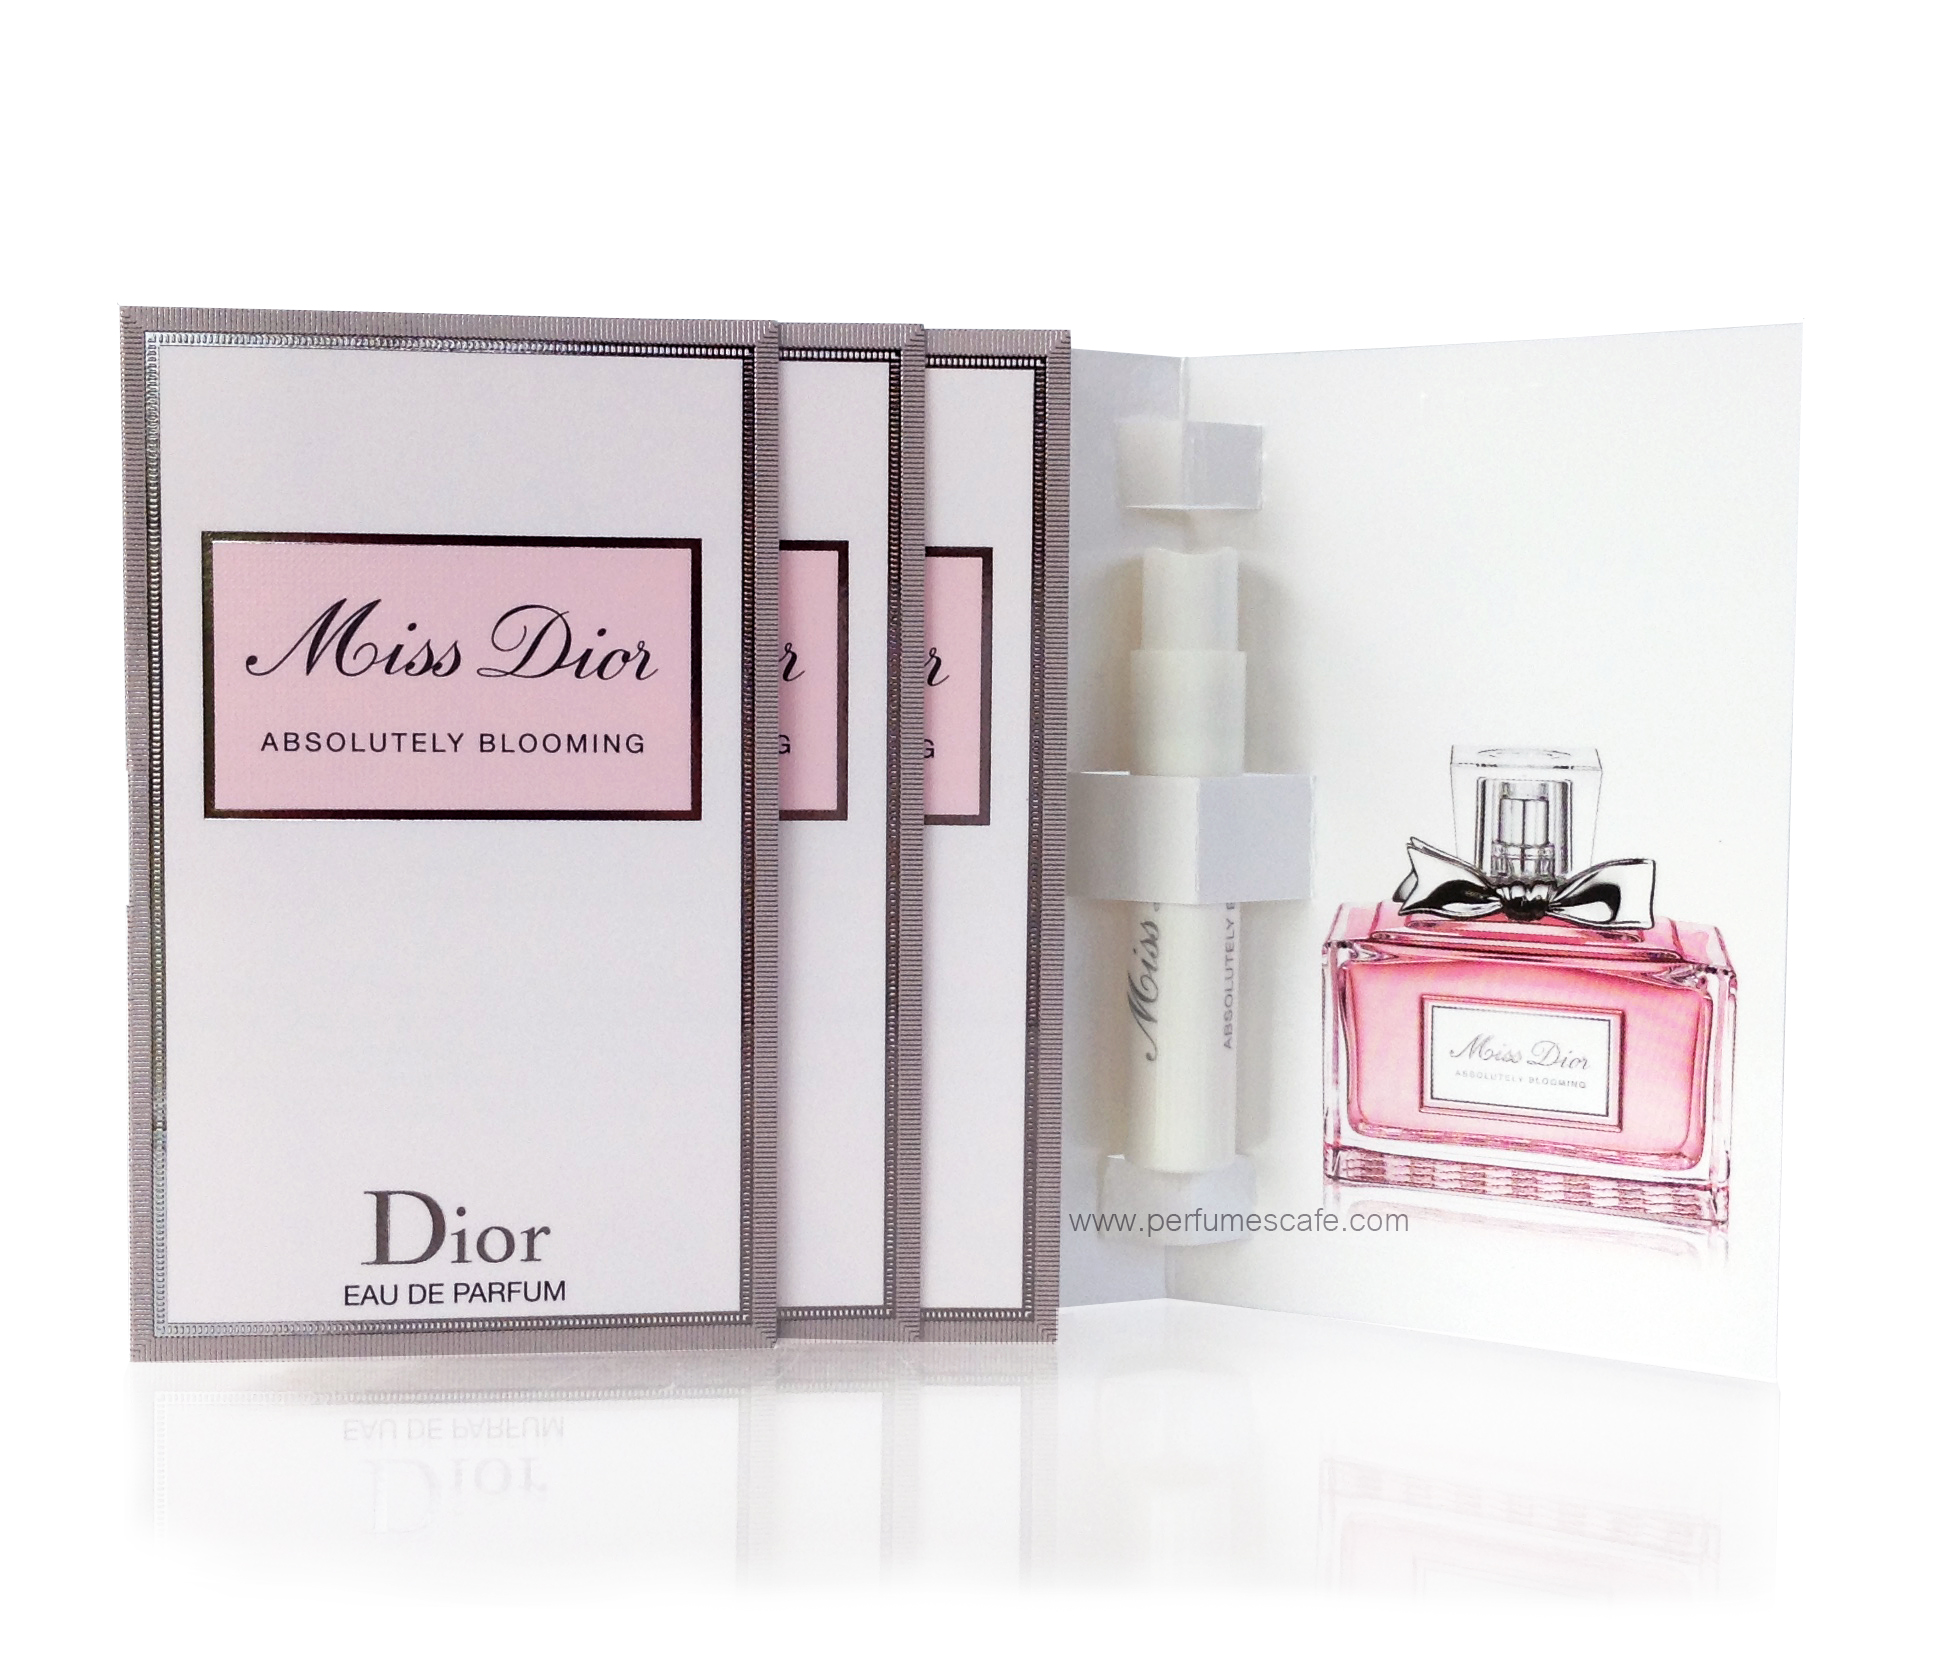 น้ำหอม Miss Dior Absolutely Blooming EDP ขนาดทดลอง 1.5ml